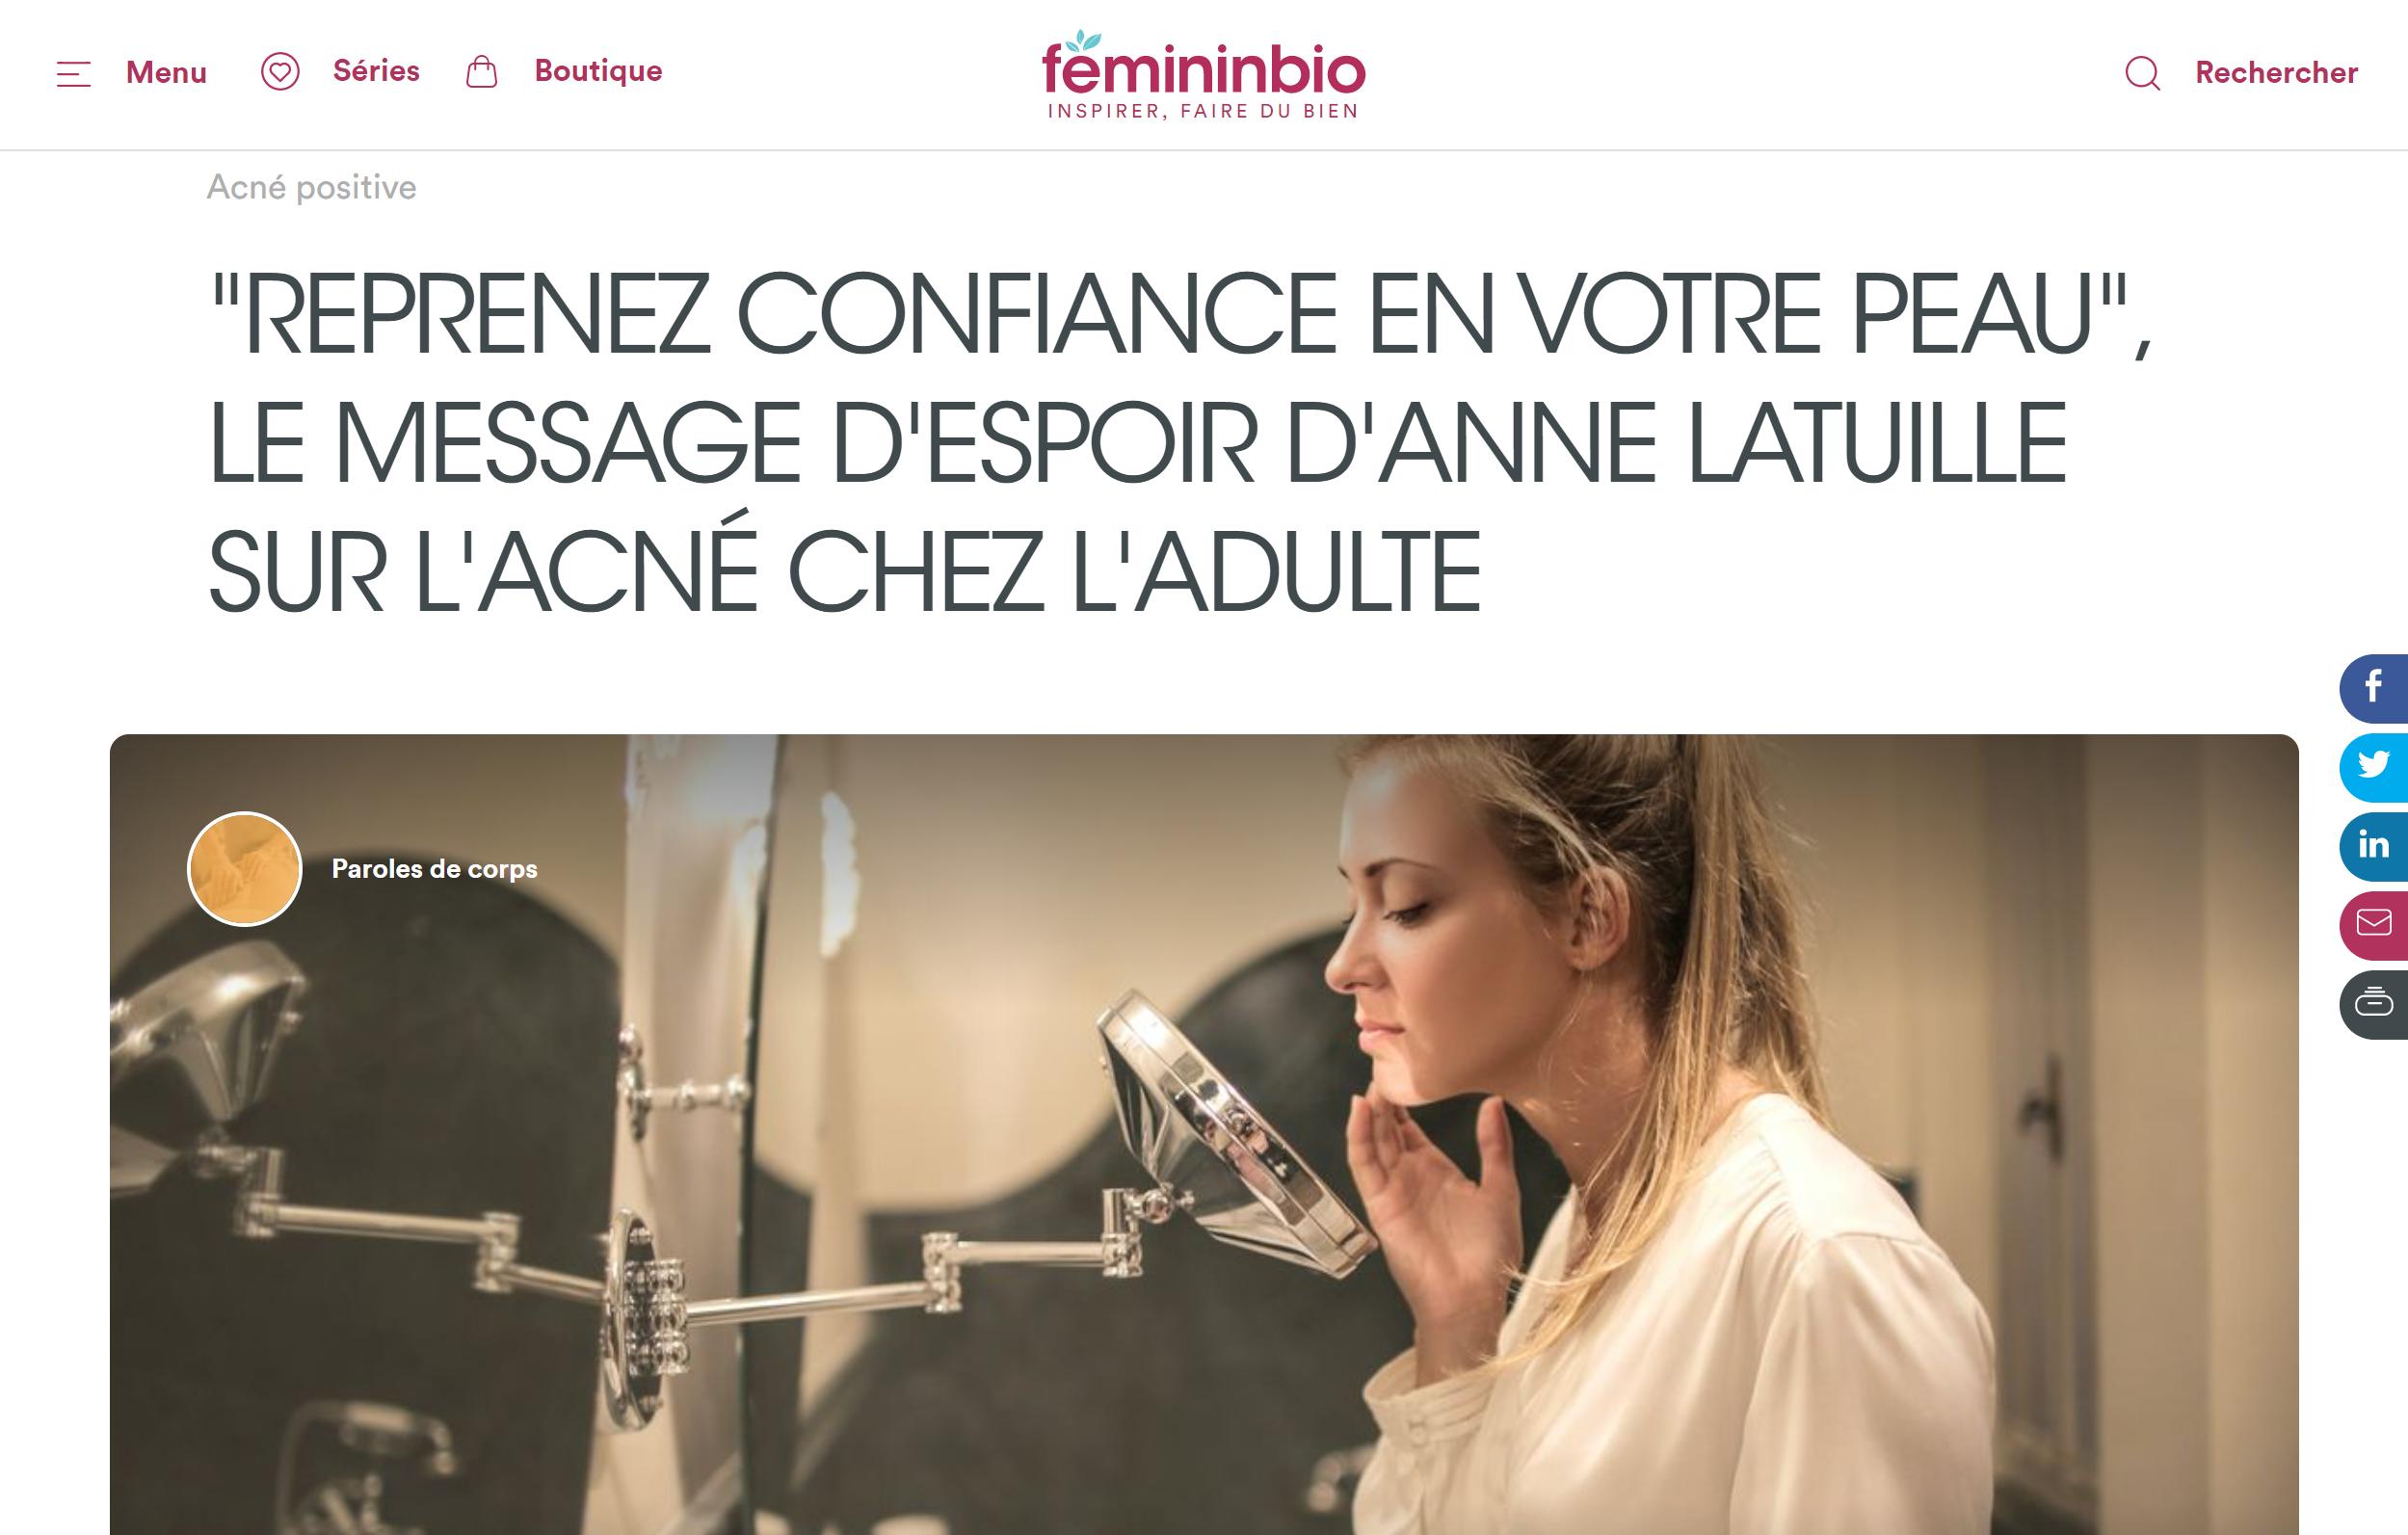 reprenez confiance en votre peau : le message d'Anne Latuille Féminin bio